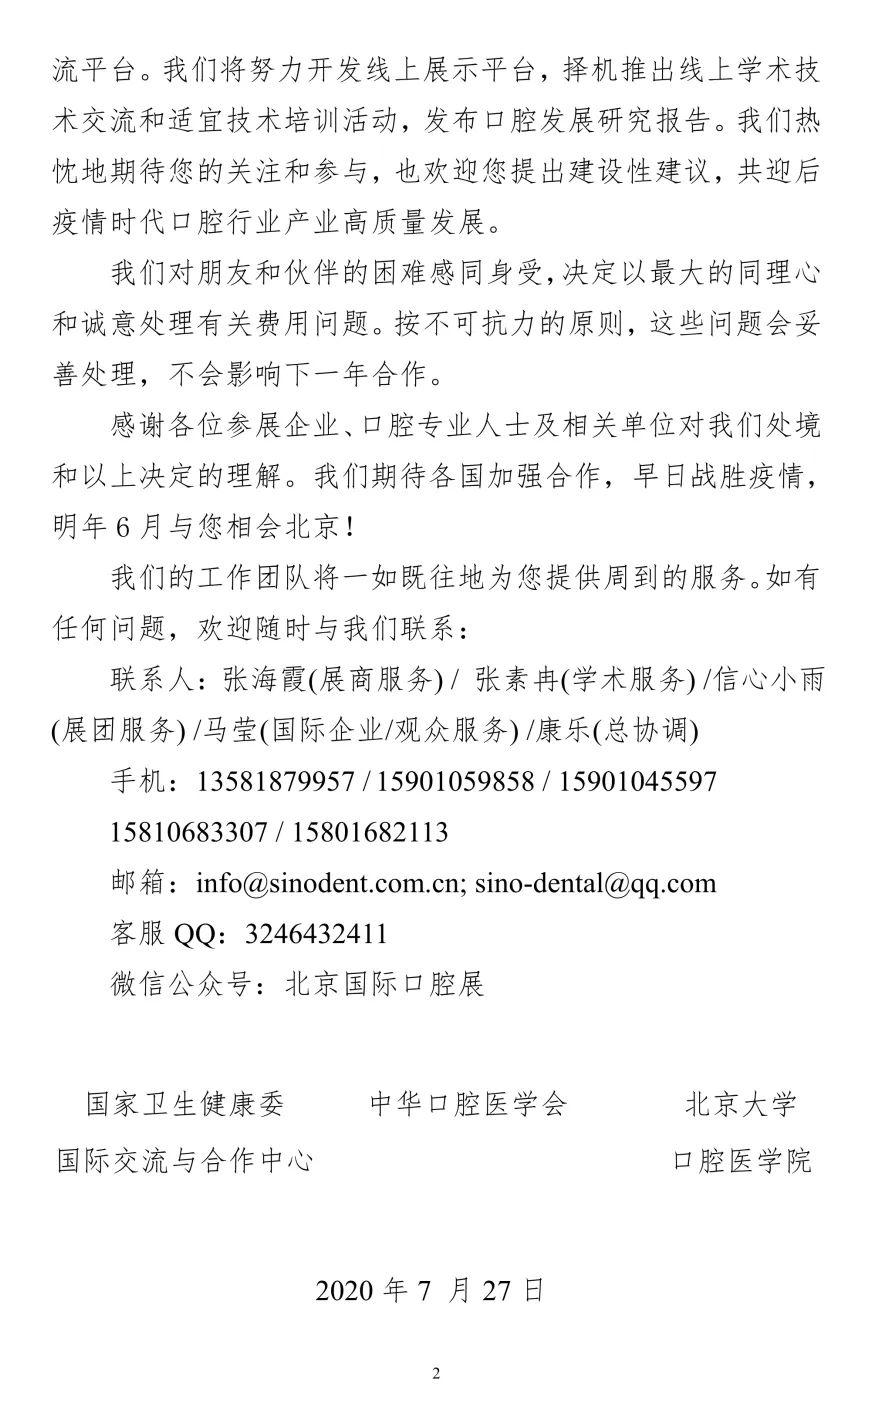 中华口腔医学会周报2020年26期